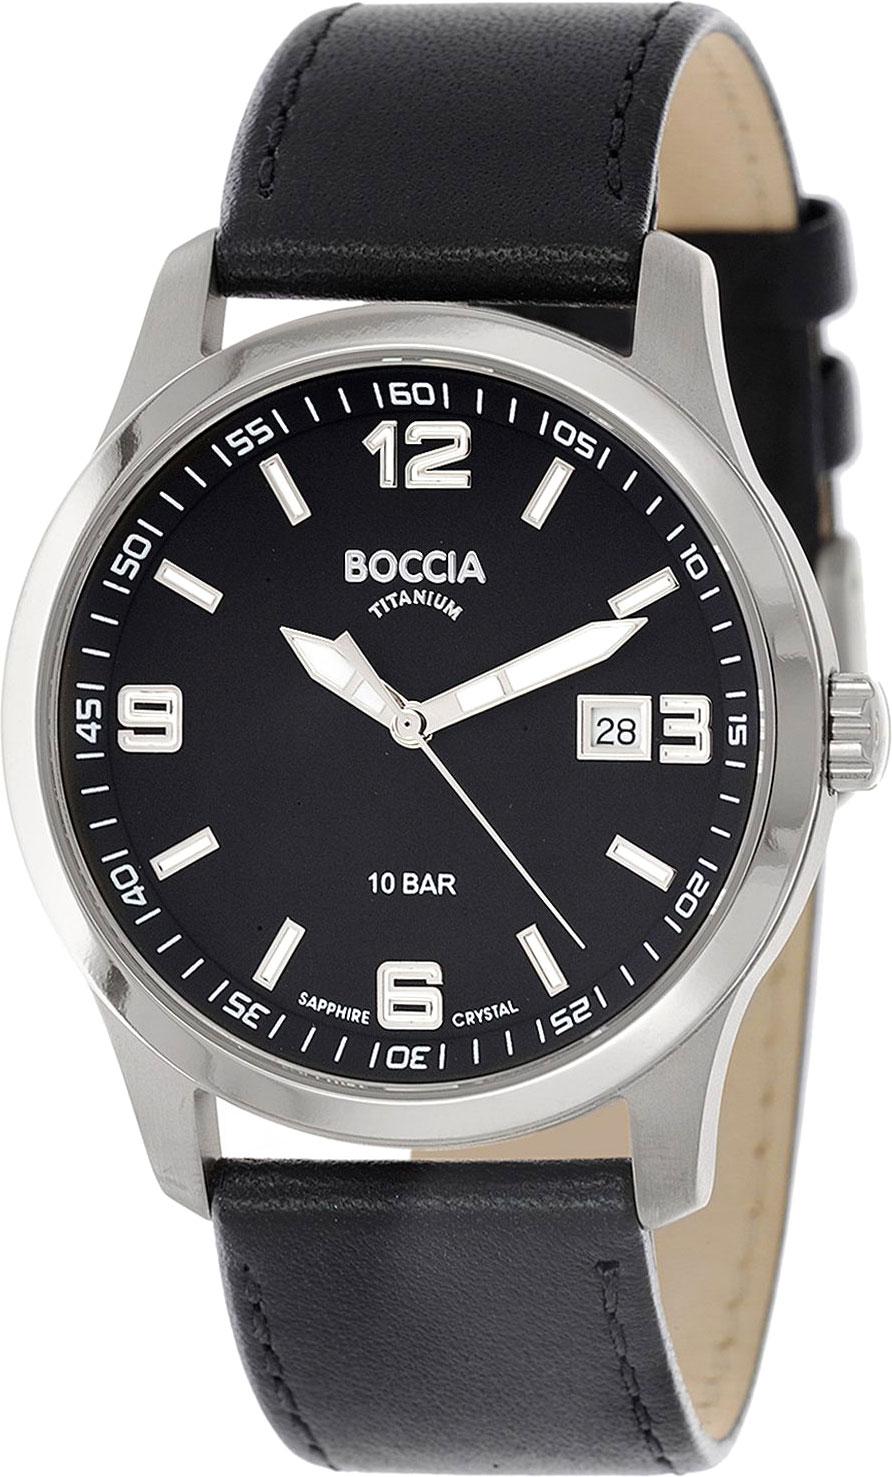 Мужские часы Boccia Titanium 3626-02 все цены